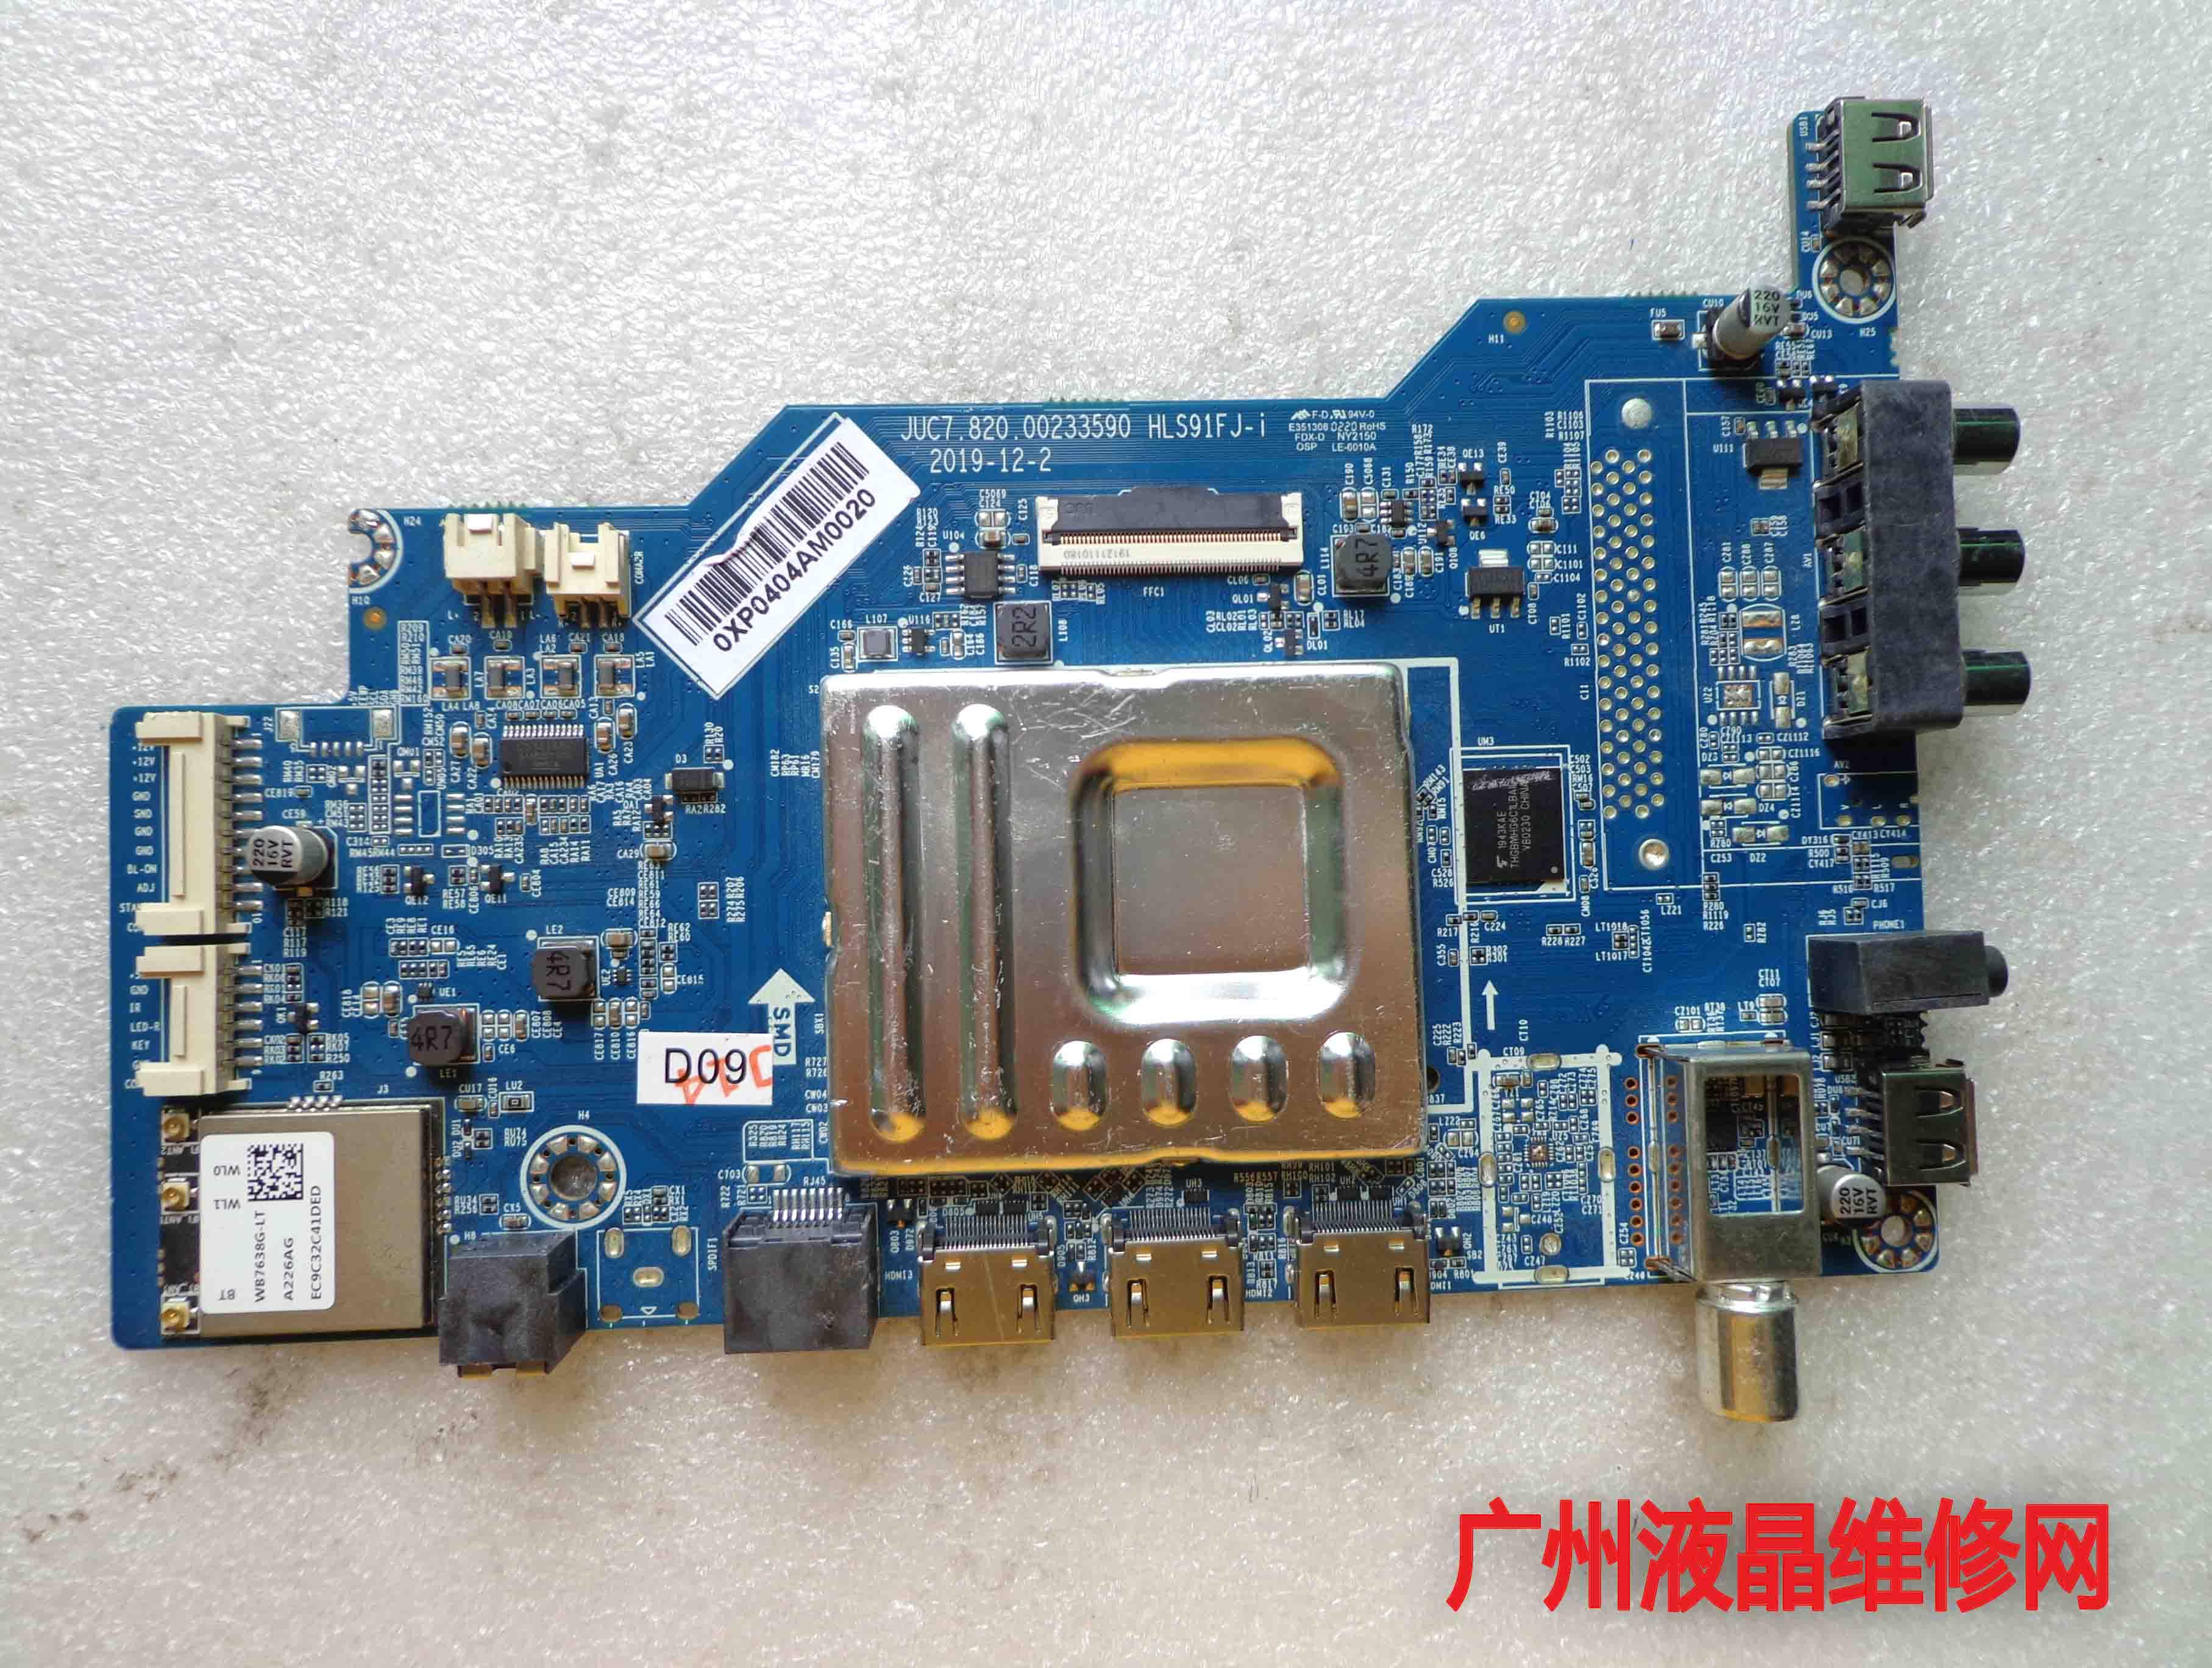 JUC7.820.00233590 HJS91FJ-i E351308 NY2150 FDX-D OSPLE-6010A